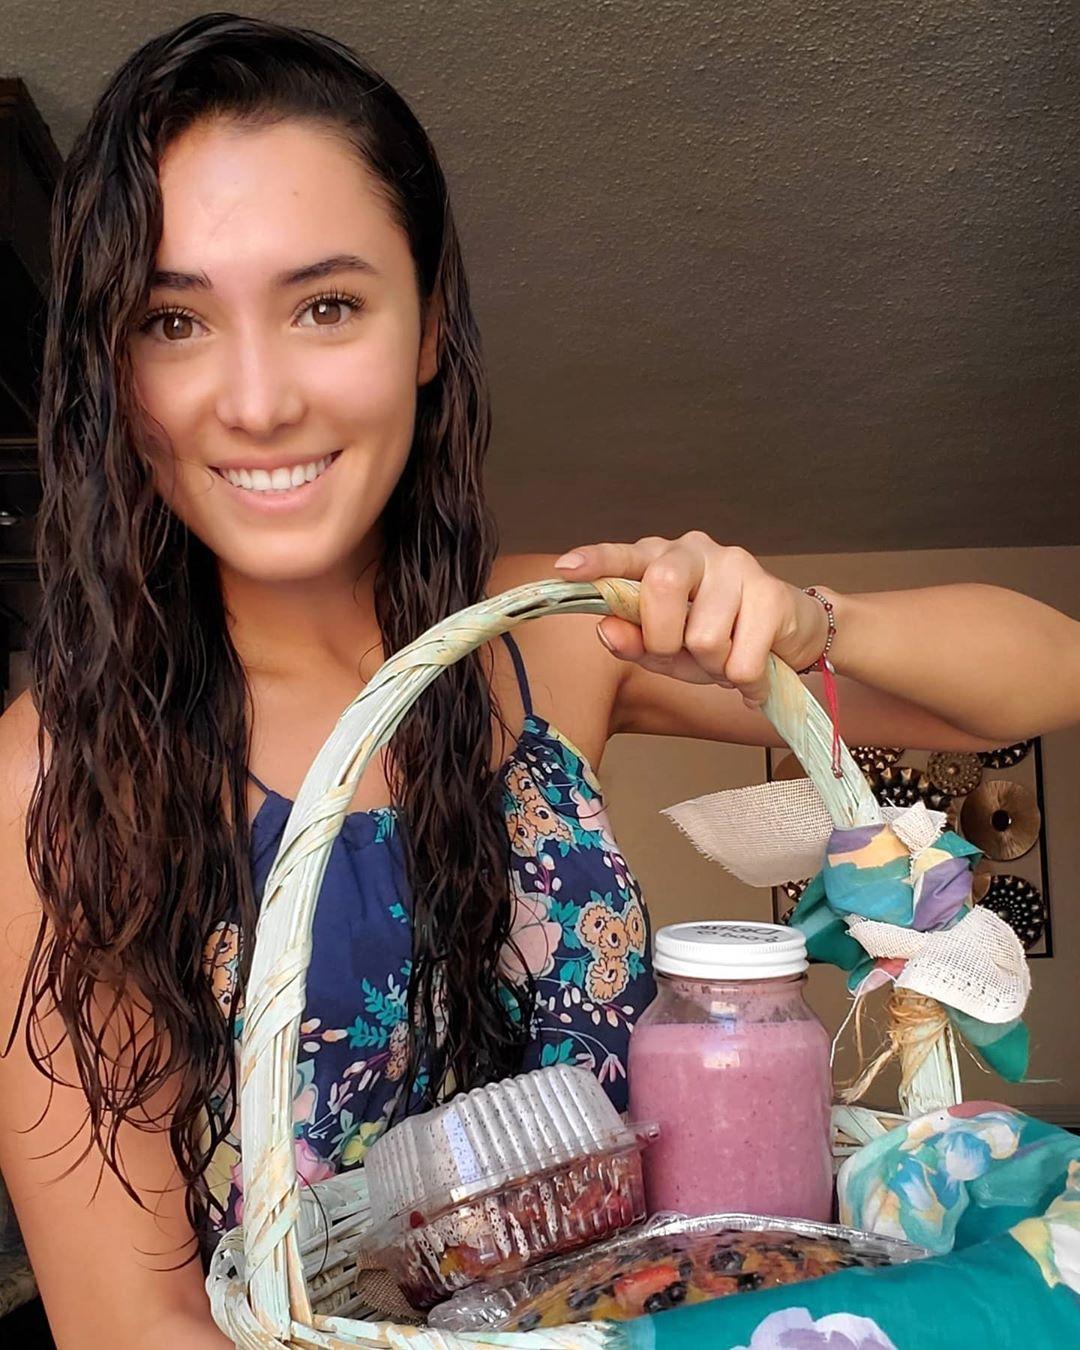 karolina vidales, candidata a miss mexico 2020, representando michoacan. - Página 2 10185310